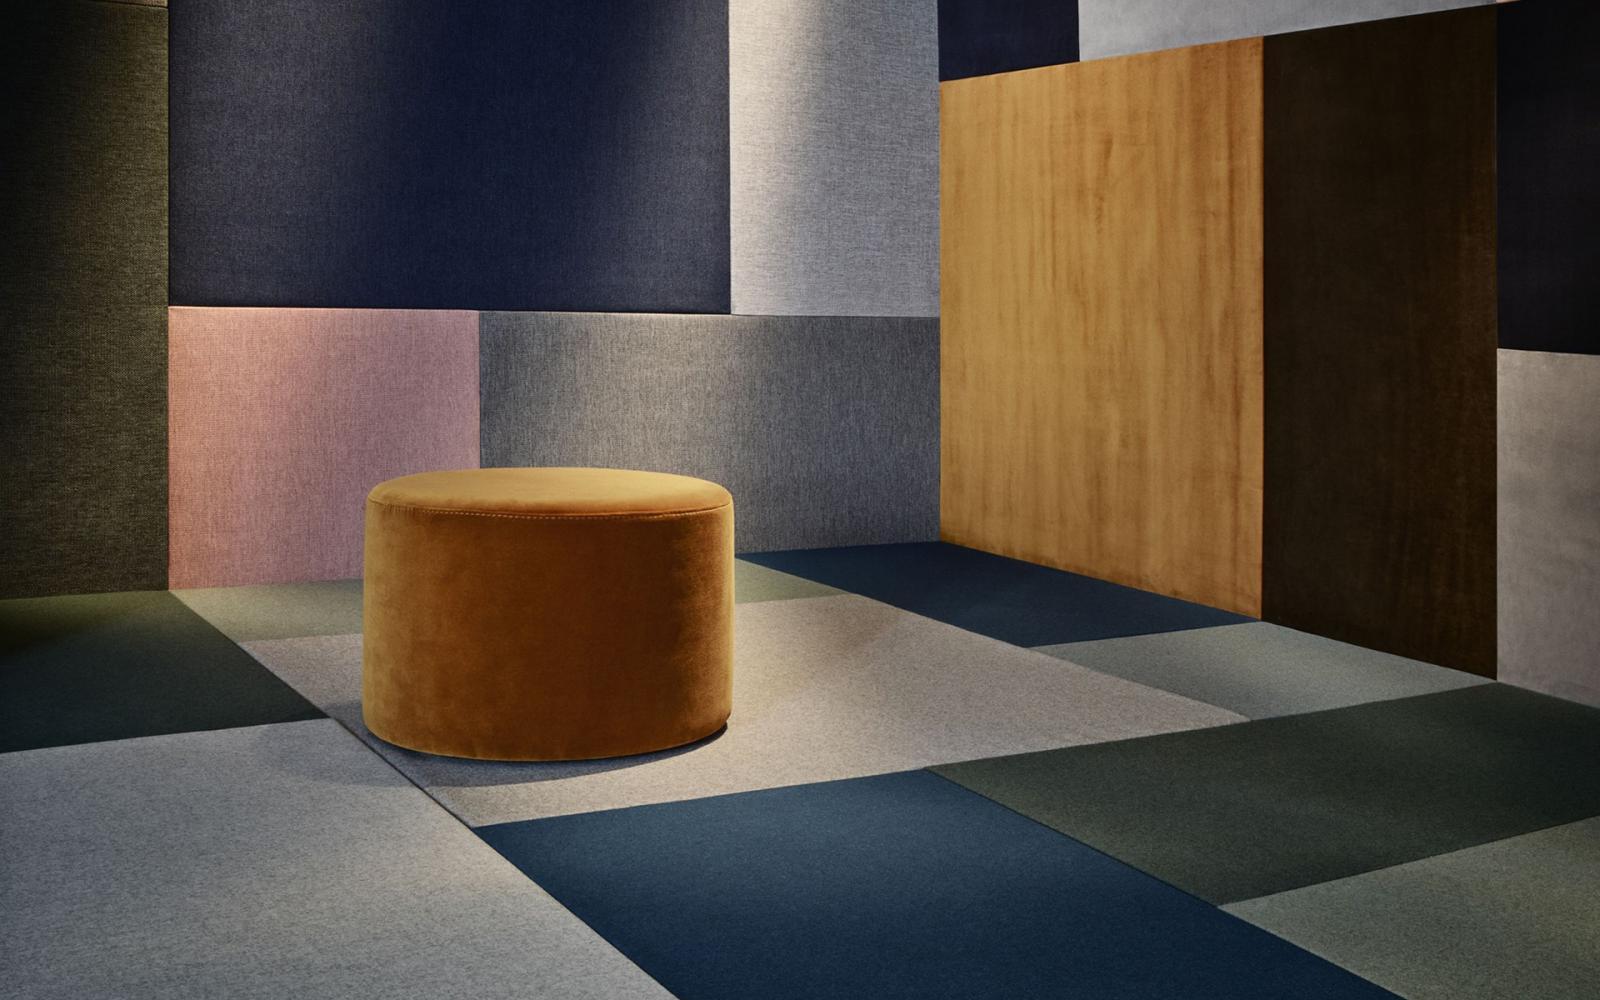 Оригинальные варианты оформления центра комнаты (стильно и красиво)